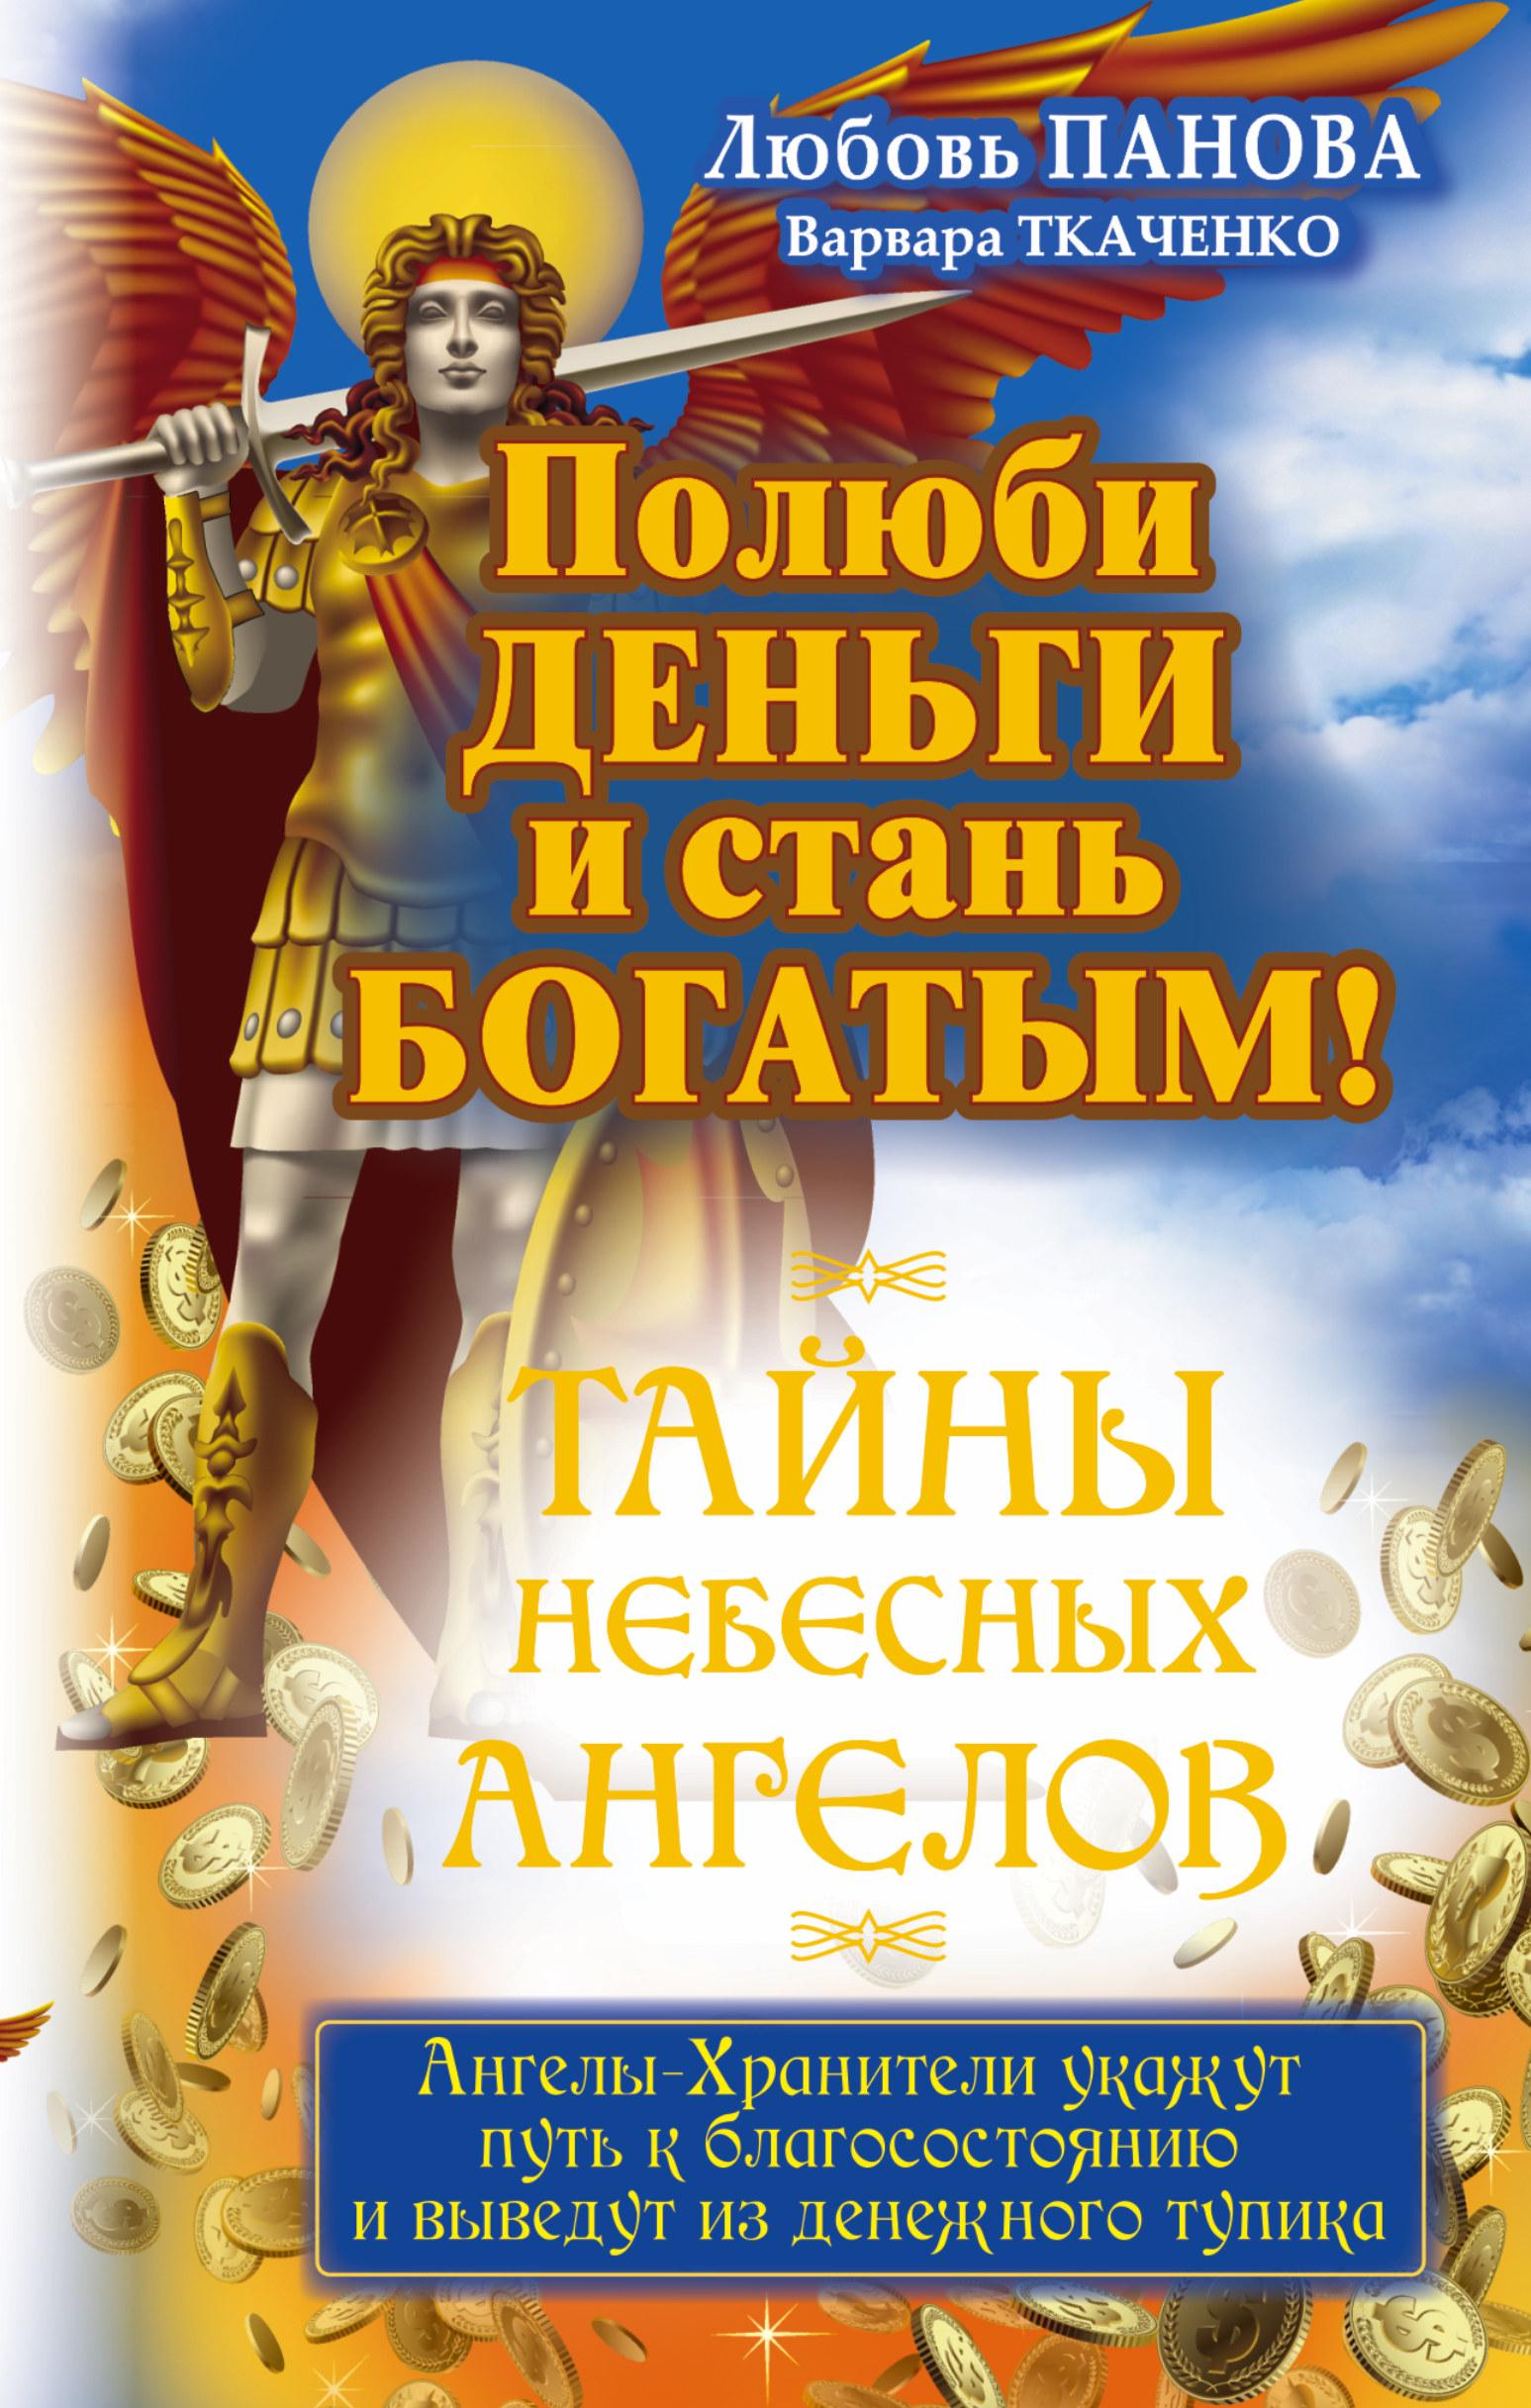 Любовь Панова, Варвара Ткаченко Полюби деньги и стань богатым!